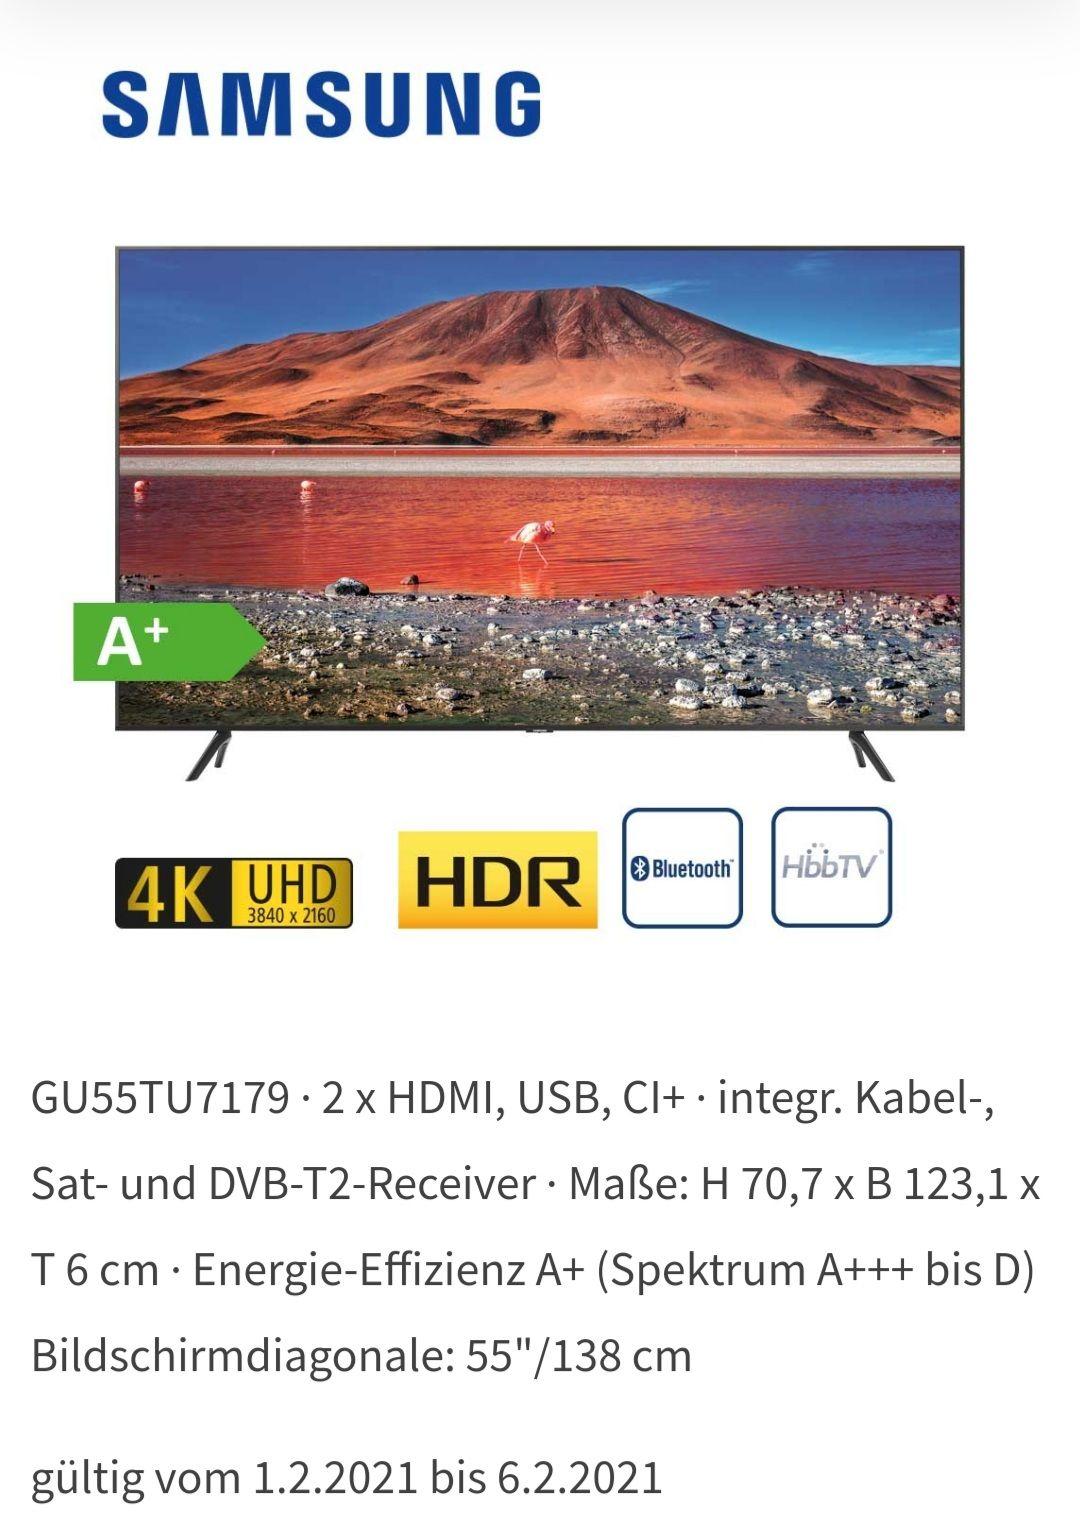 Samsung GU55TU7179 4K UGD HDR Bluetooth HbbTV